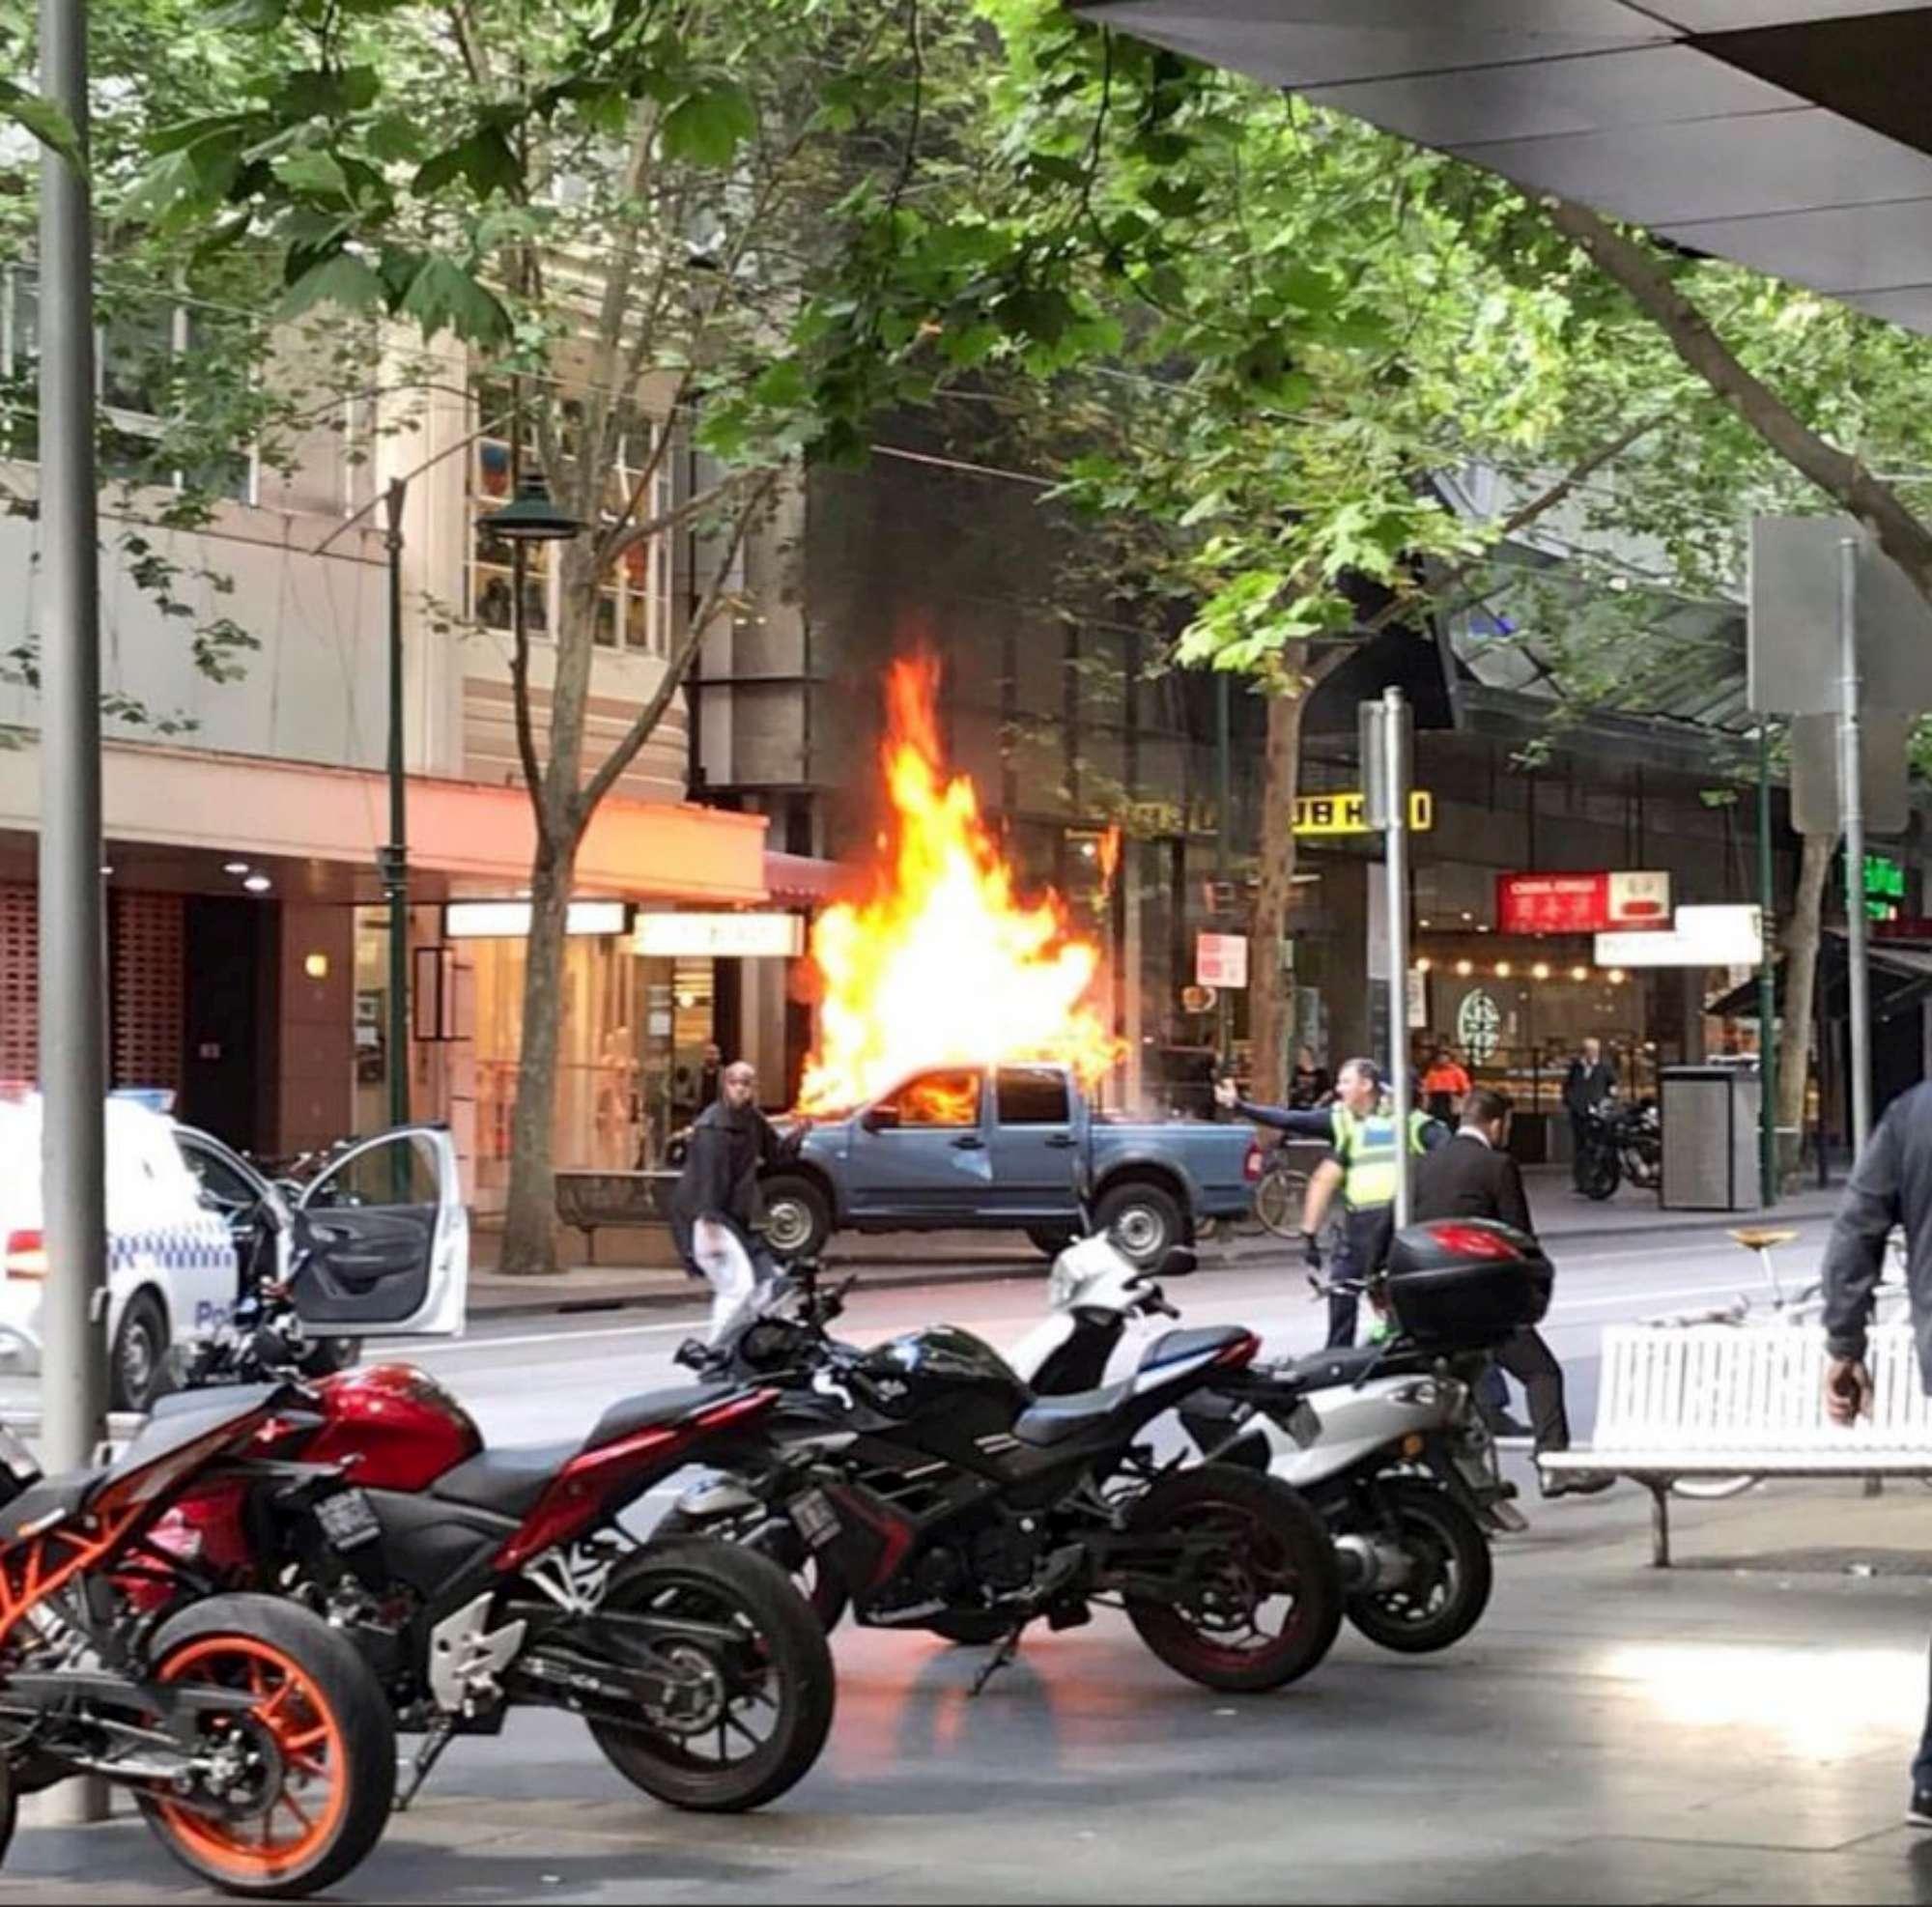 Melbourne, uomo accoltella tre persone in strada: due morti, feriti alcuni passanti